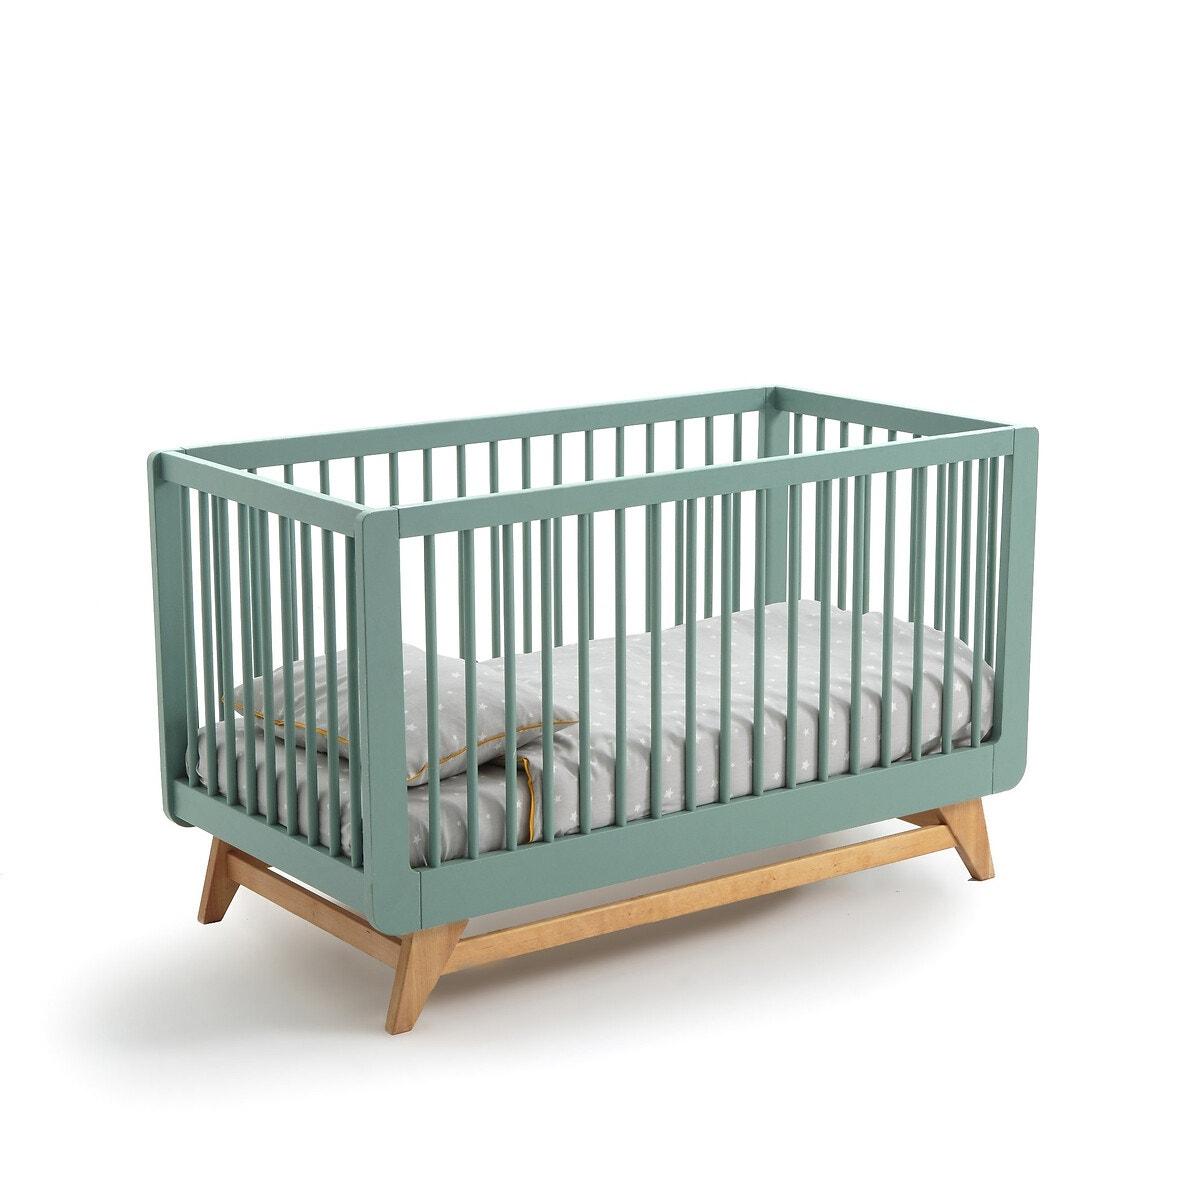 Κούνια που μετατρέπεται σε καναπέ-κρεβάτι, WILLOX